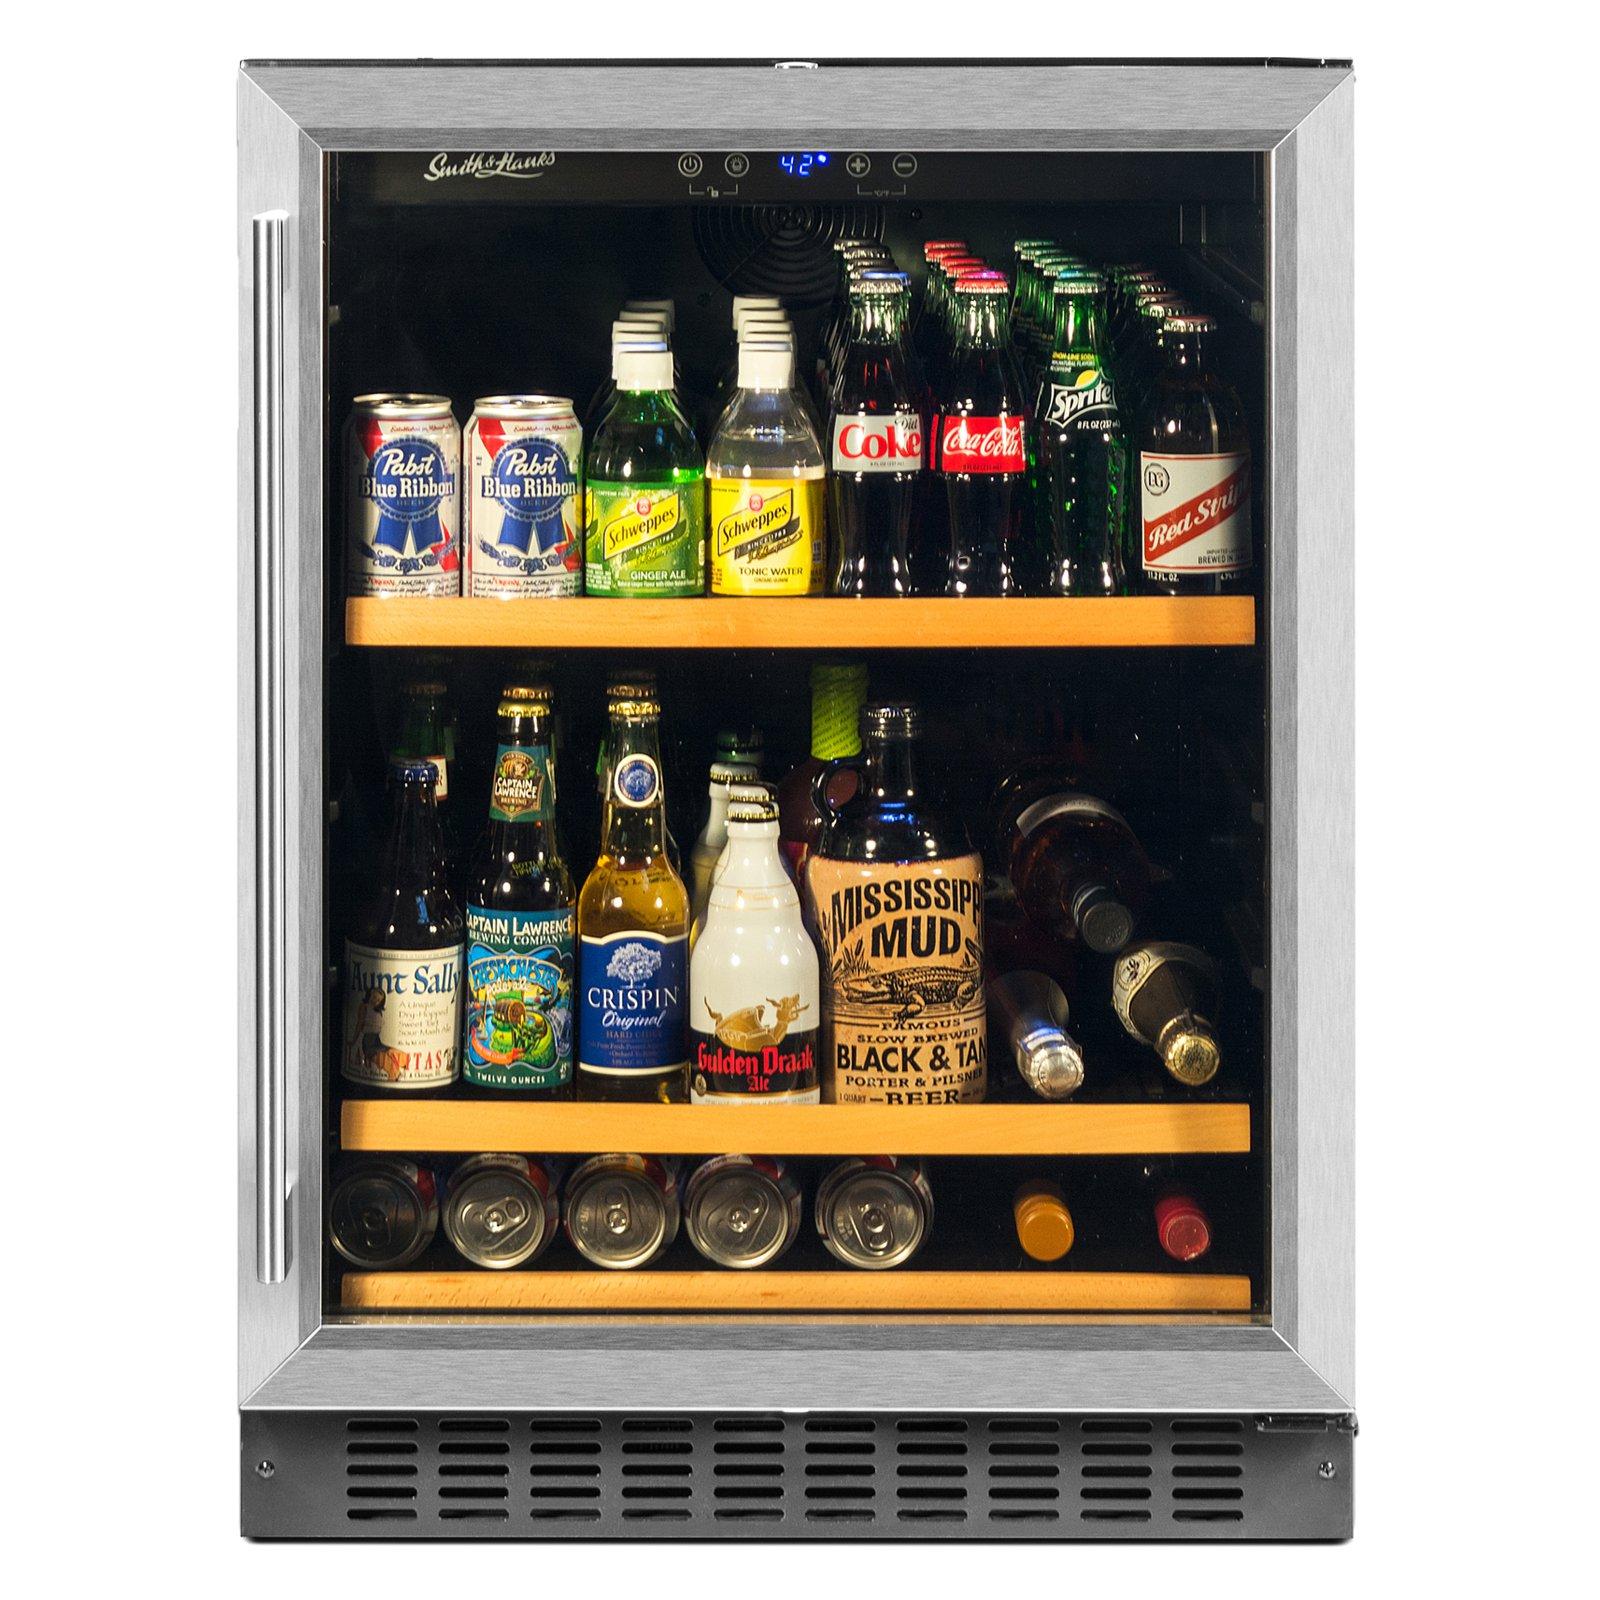 Smith & Hanks BEV145SRE 178 Can Capacity Single Zone Under Counter Beverage Refrigerator